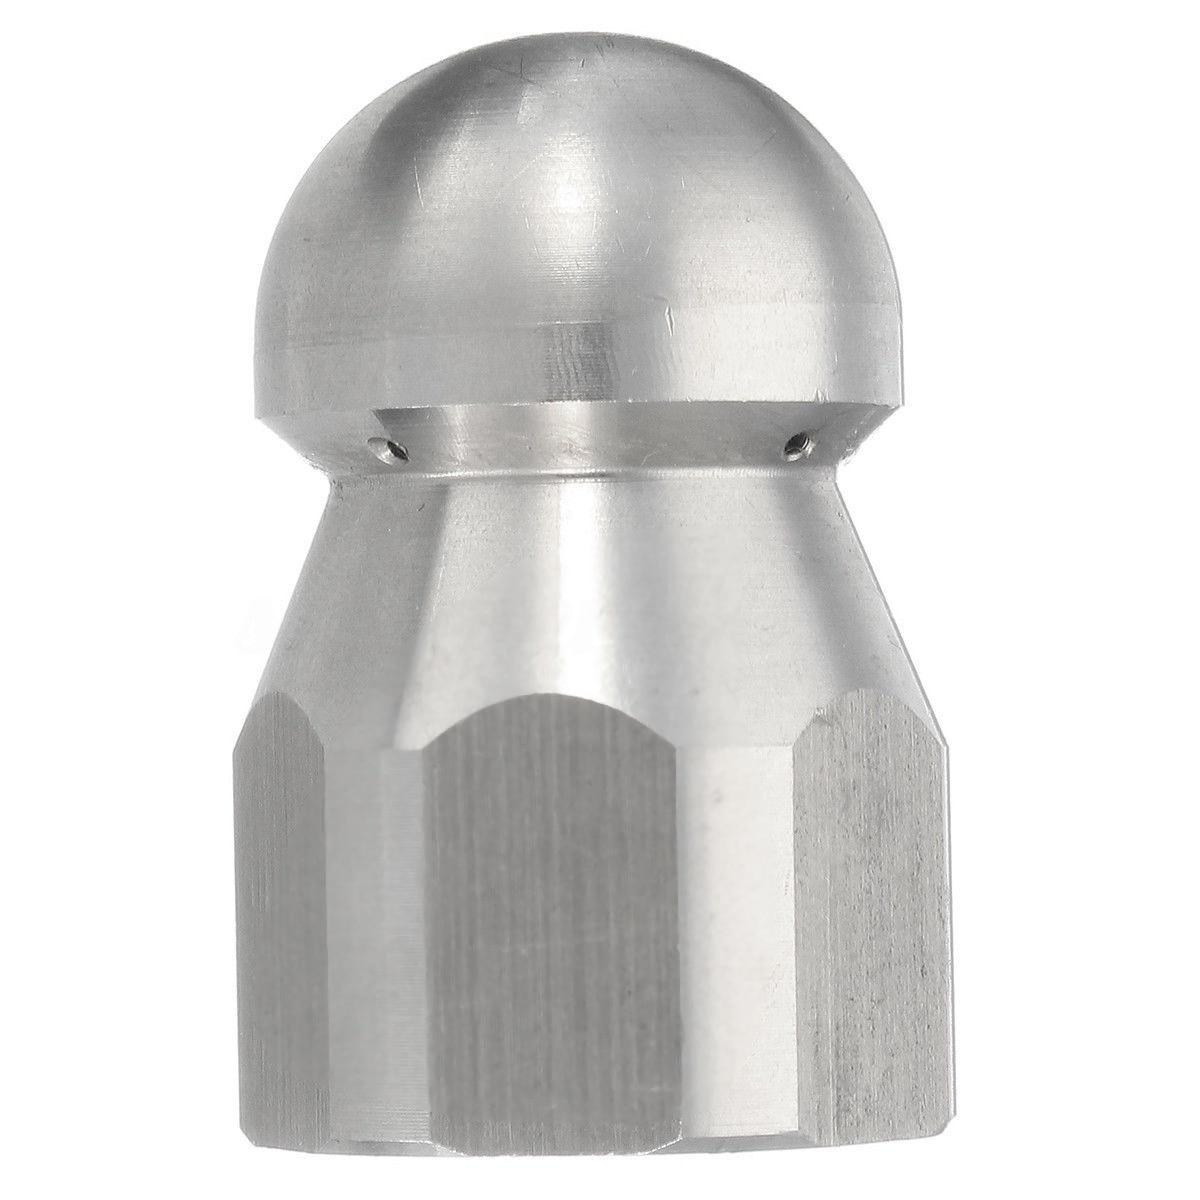 Трубопровод мойка высокого давления, Чистка канализации, шприц, вращающийся пульверизатор, 5 струй